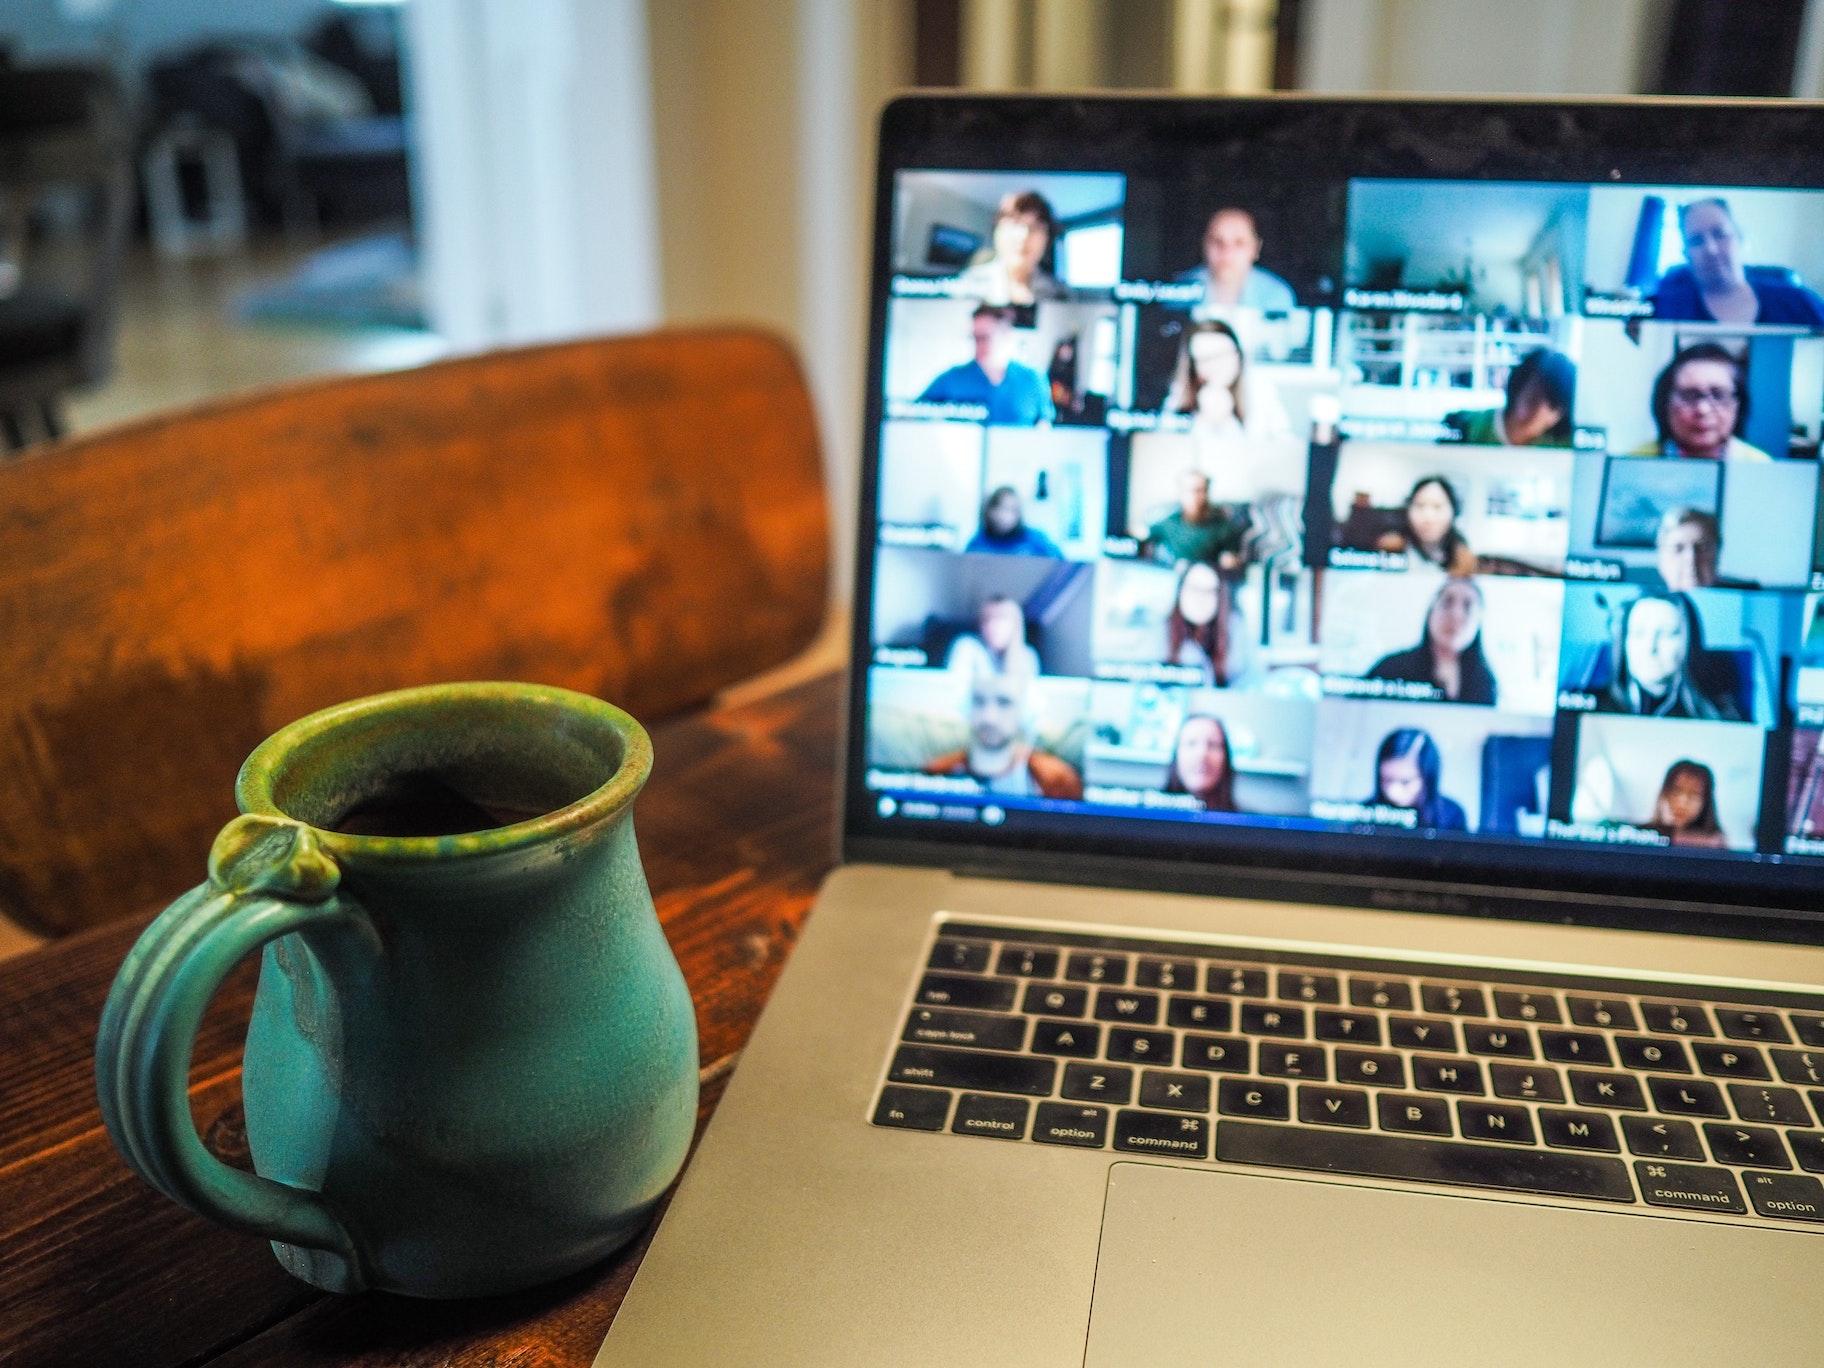 Ideias de trabalho à distância: gestão de projetos